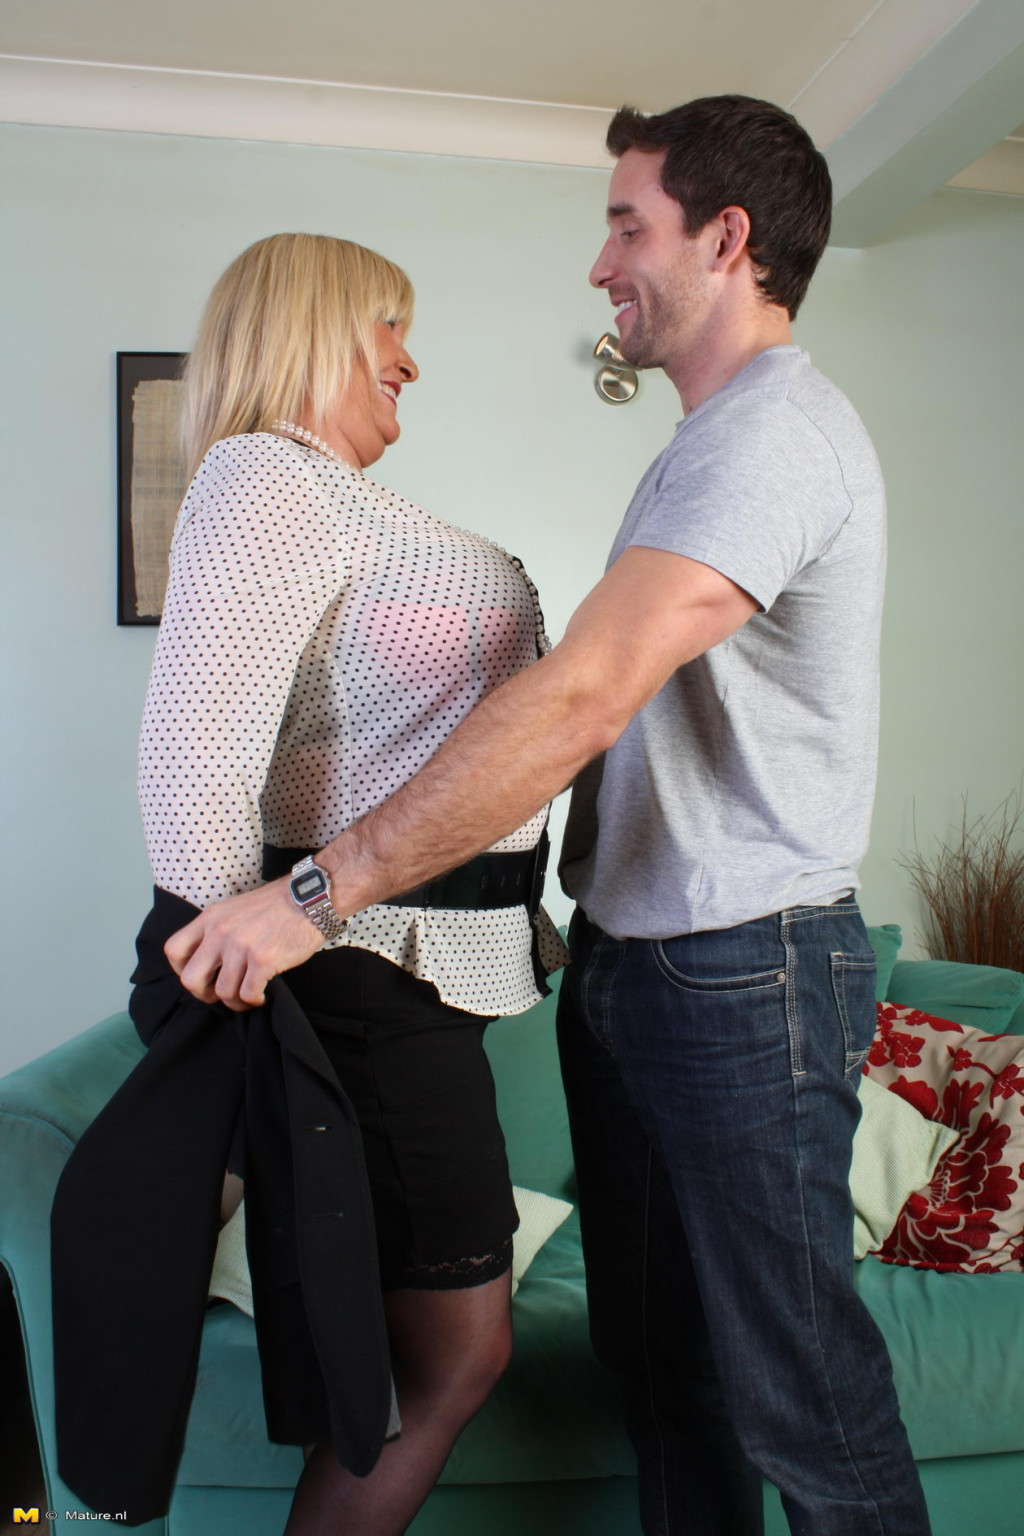 Mature British Amateur Couple